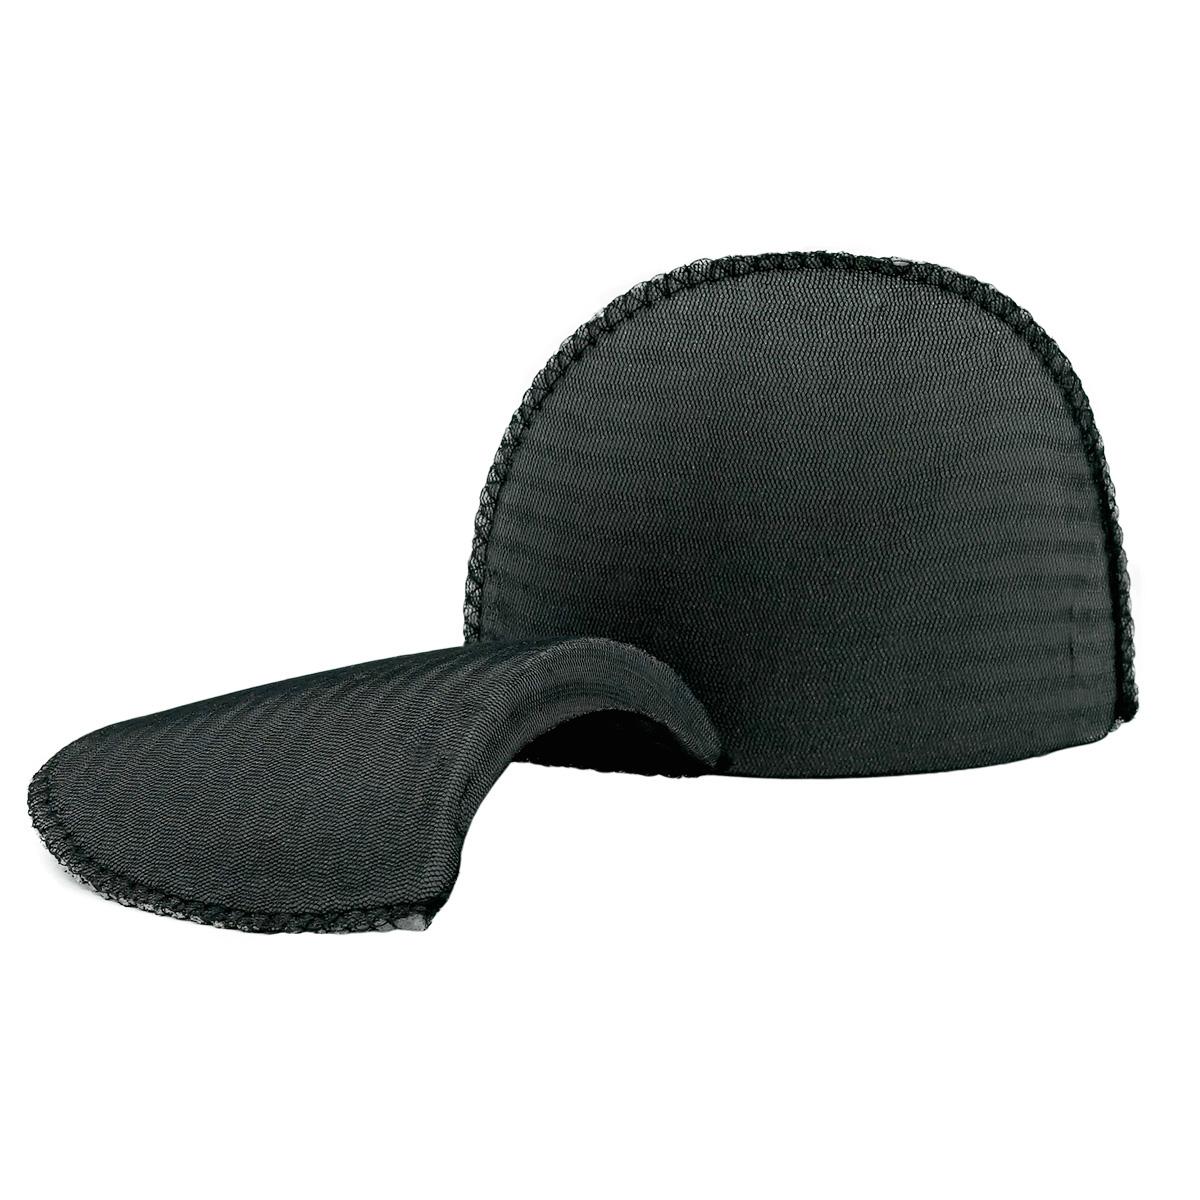 Плечевые накладки В-14/А втачные обшитые цвет черный, 14х100х155 мм, Hobby&Pro